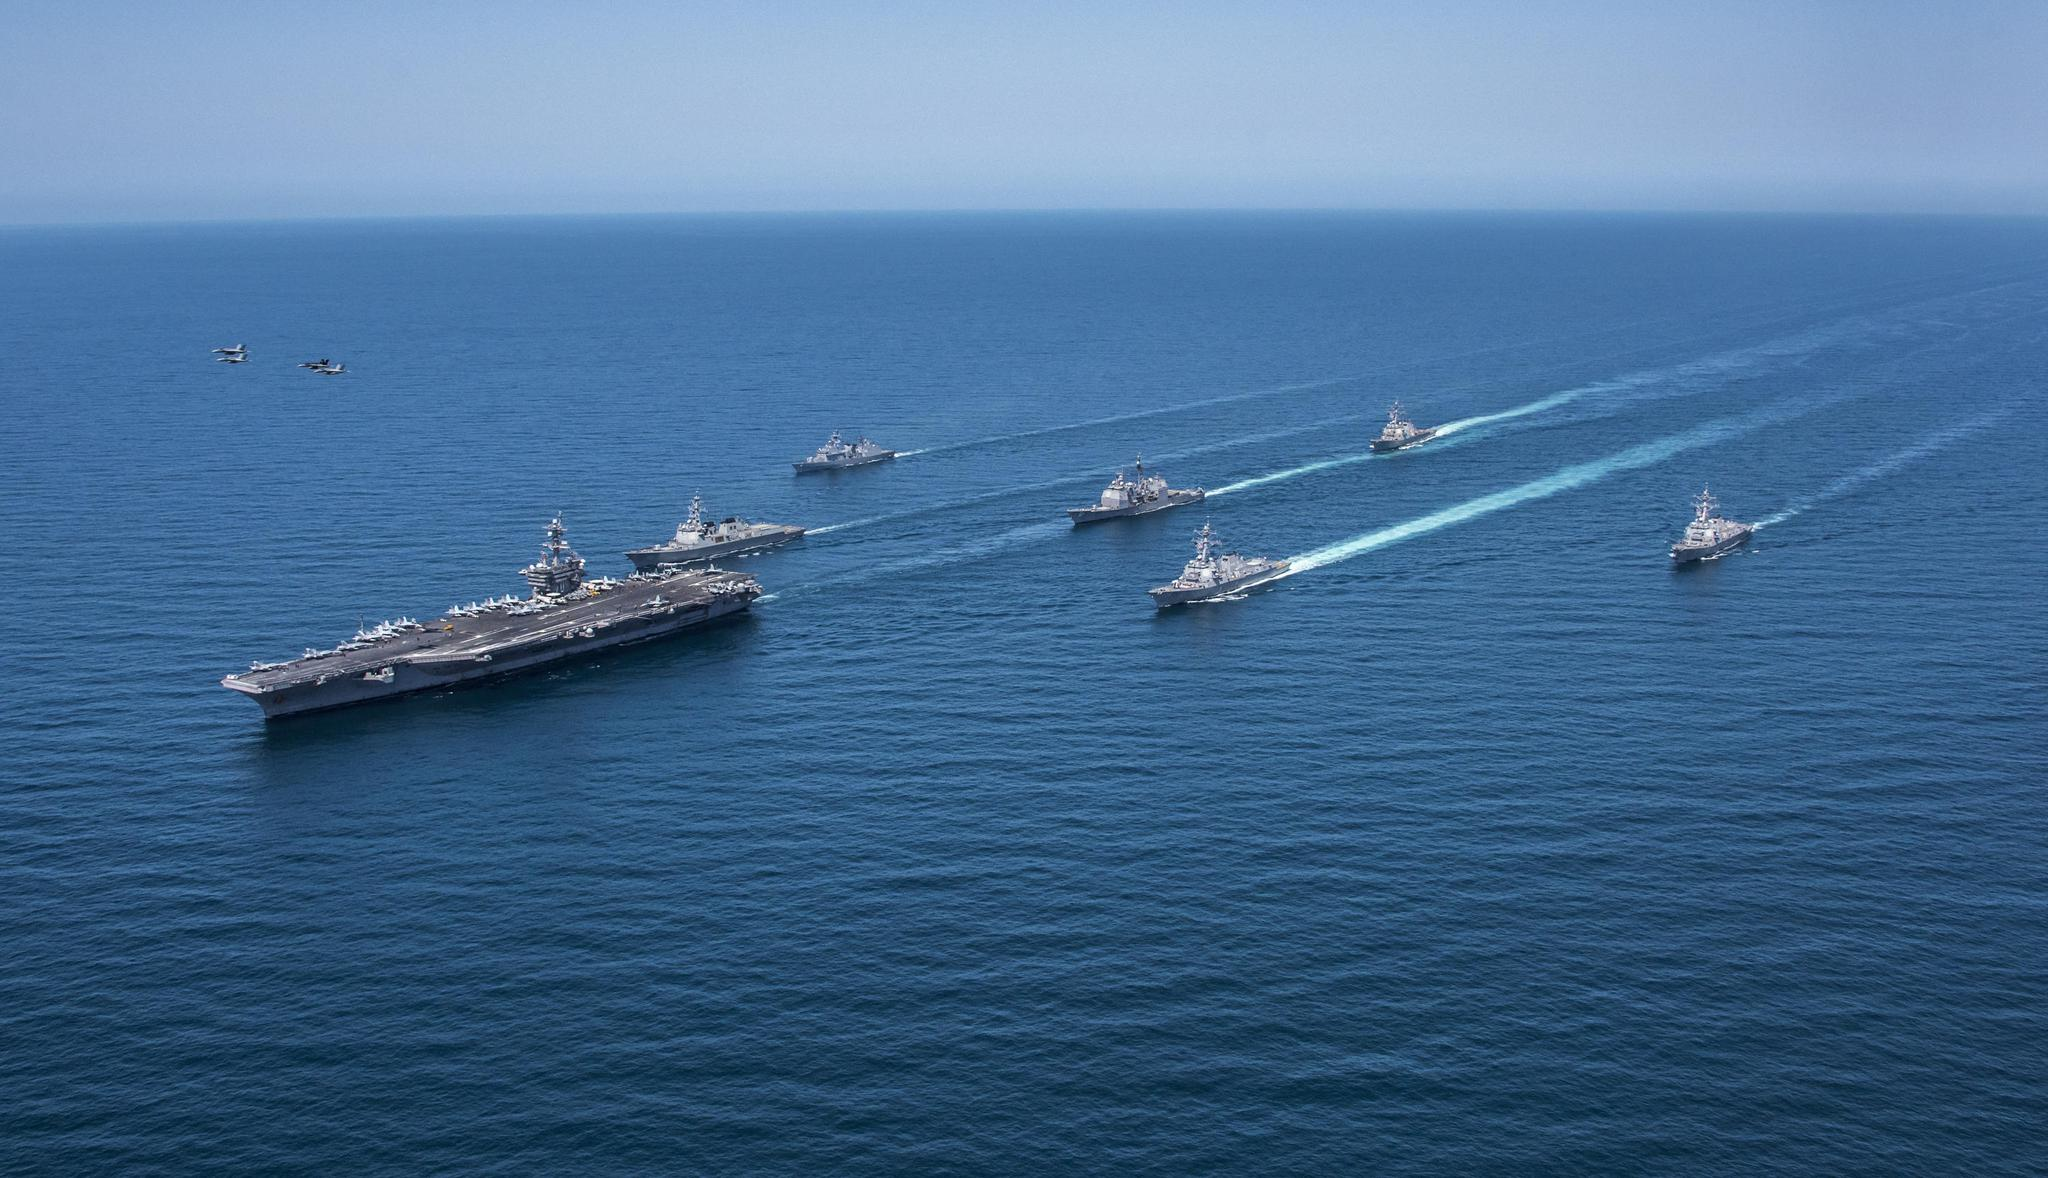 国产001a型航母海试,与辽宁舰组成双航母编队!